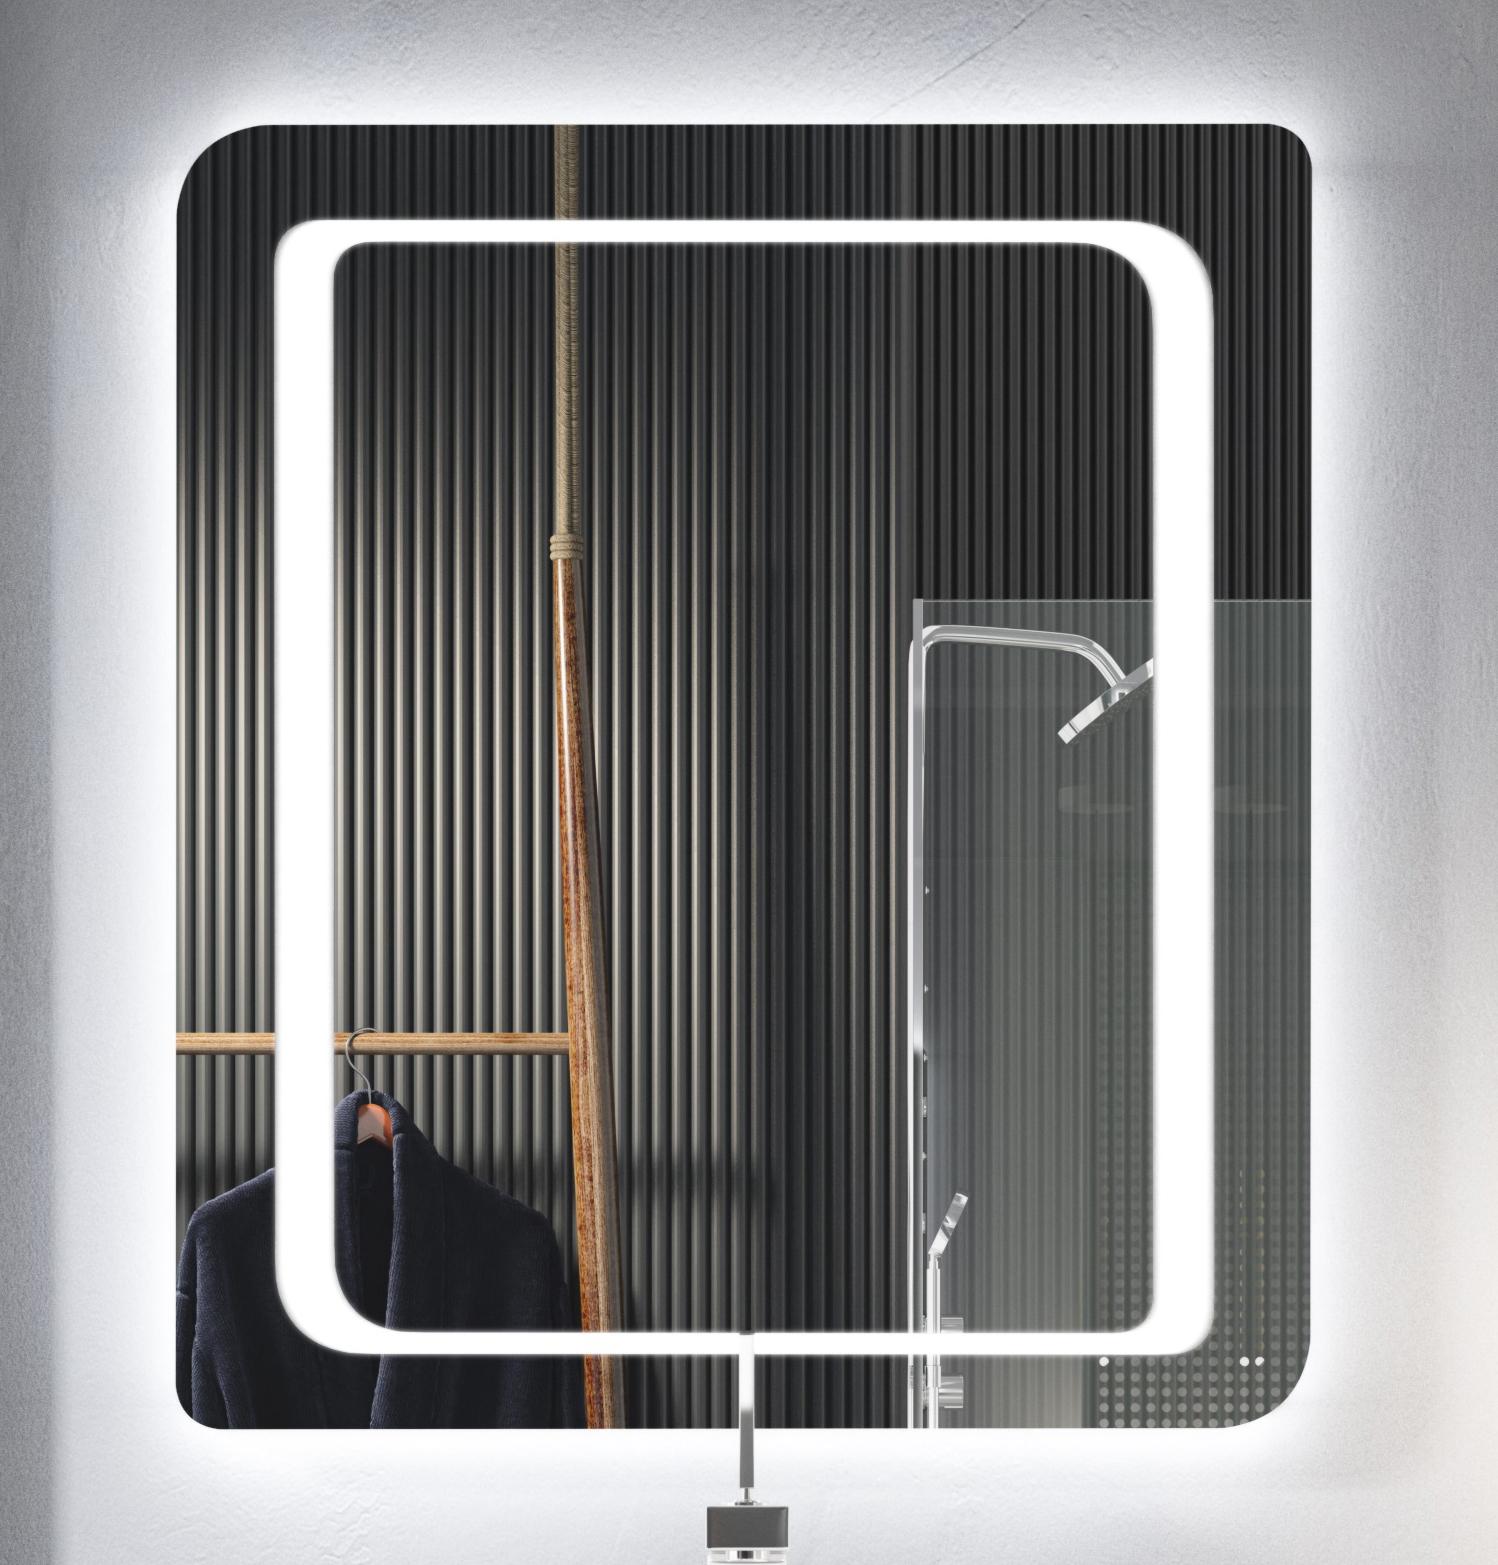 Thielsch Badmöbel Moon Spiegel 80 x 70cm, inklusive Bewegungsmelder, ja